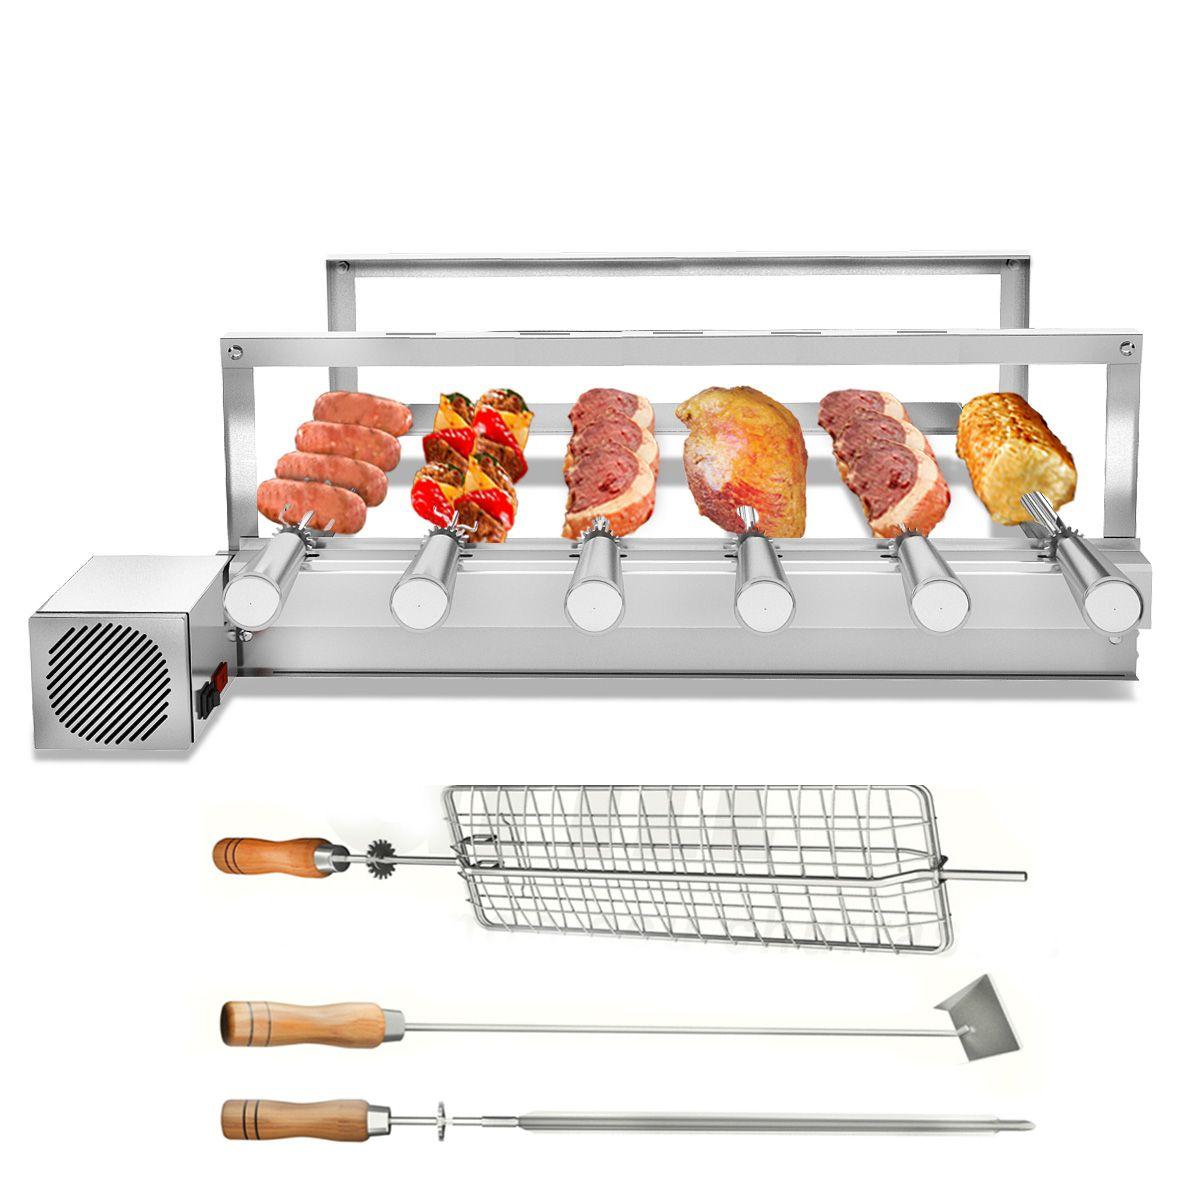 Churrasqueira Gira Grill Inox 6 Espetos Giratórios MOTOR LADO DIREITO + 3 Acessórios Inclusos